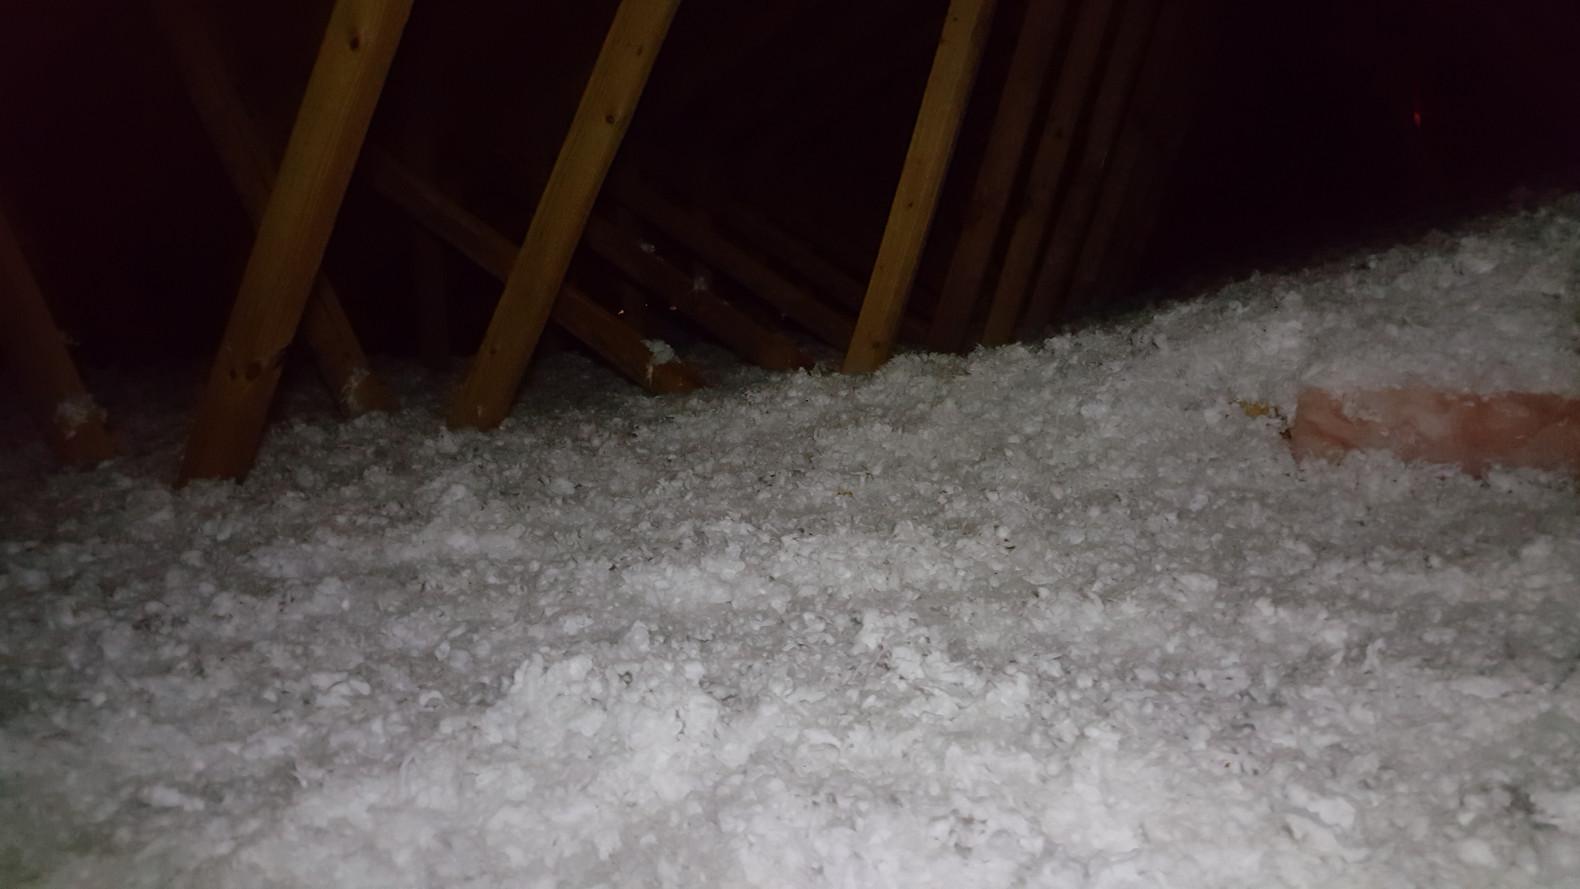 Adequate insulation